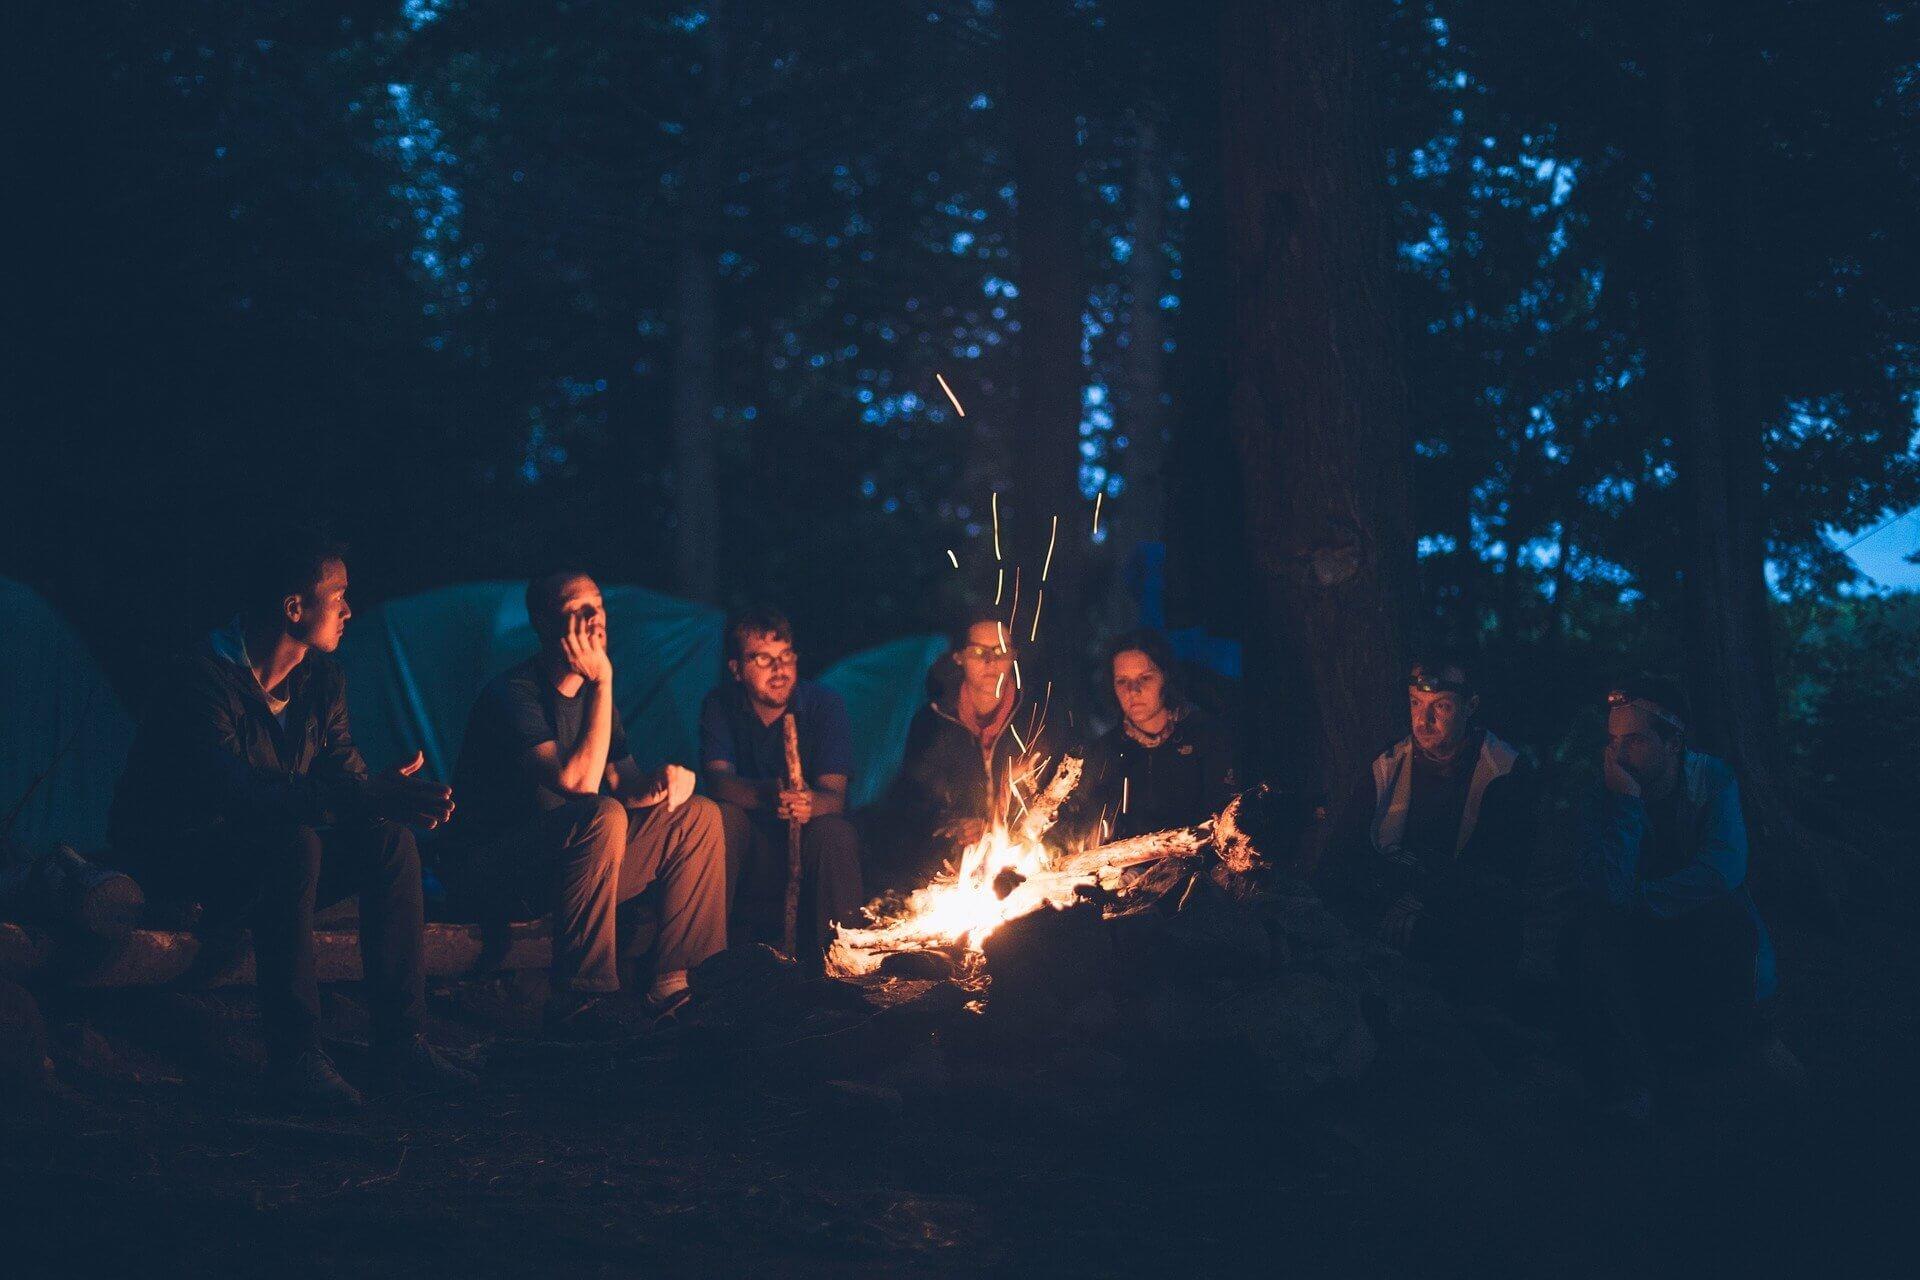 Grignoter autour du feu en camping